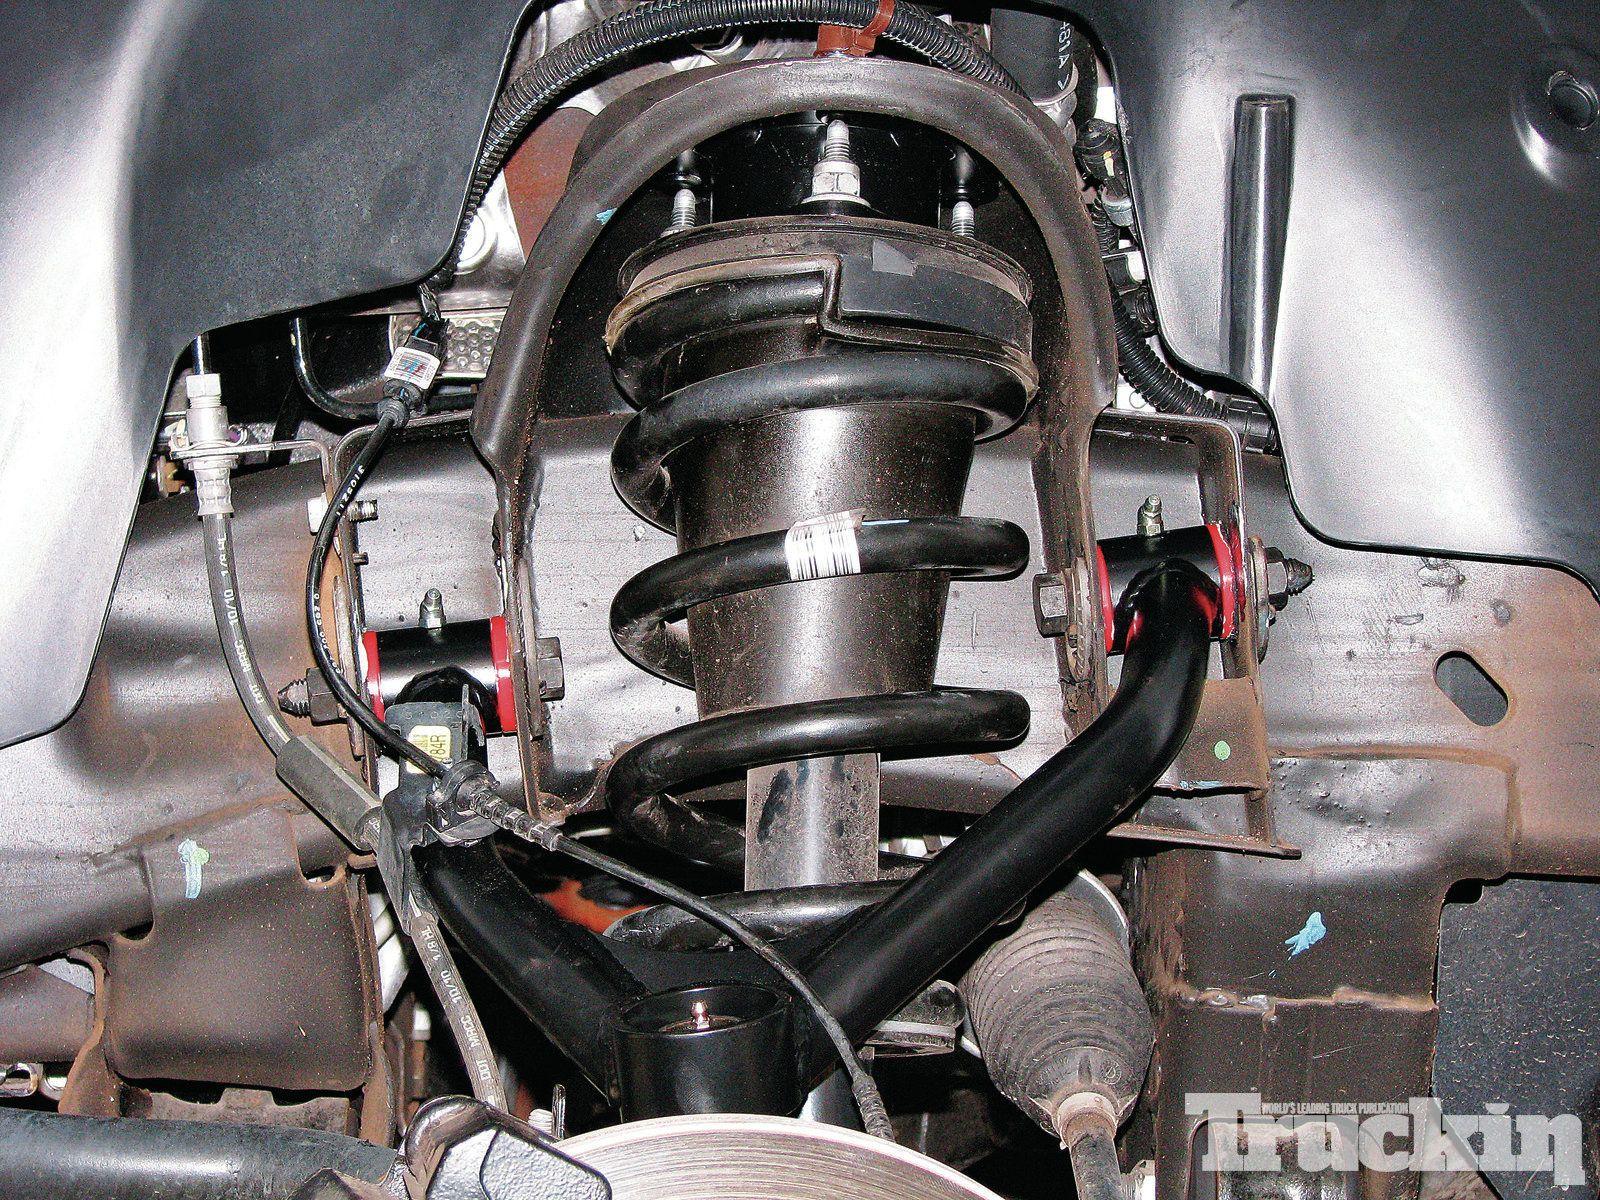 1207tr 08 2011 chevy silverado front suspension [ 1600 x 1200 Pixel ]